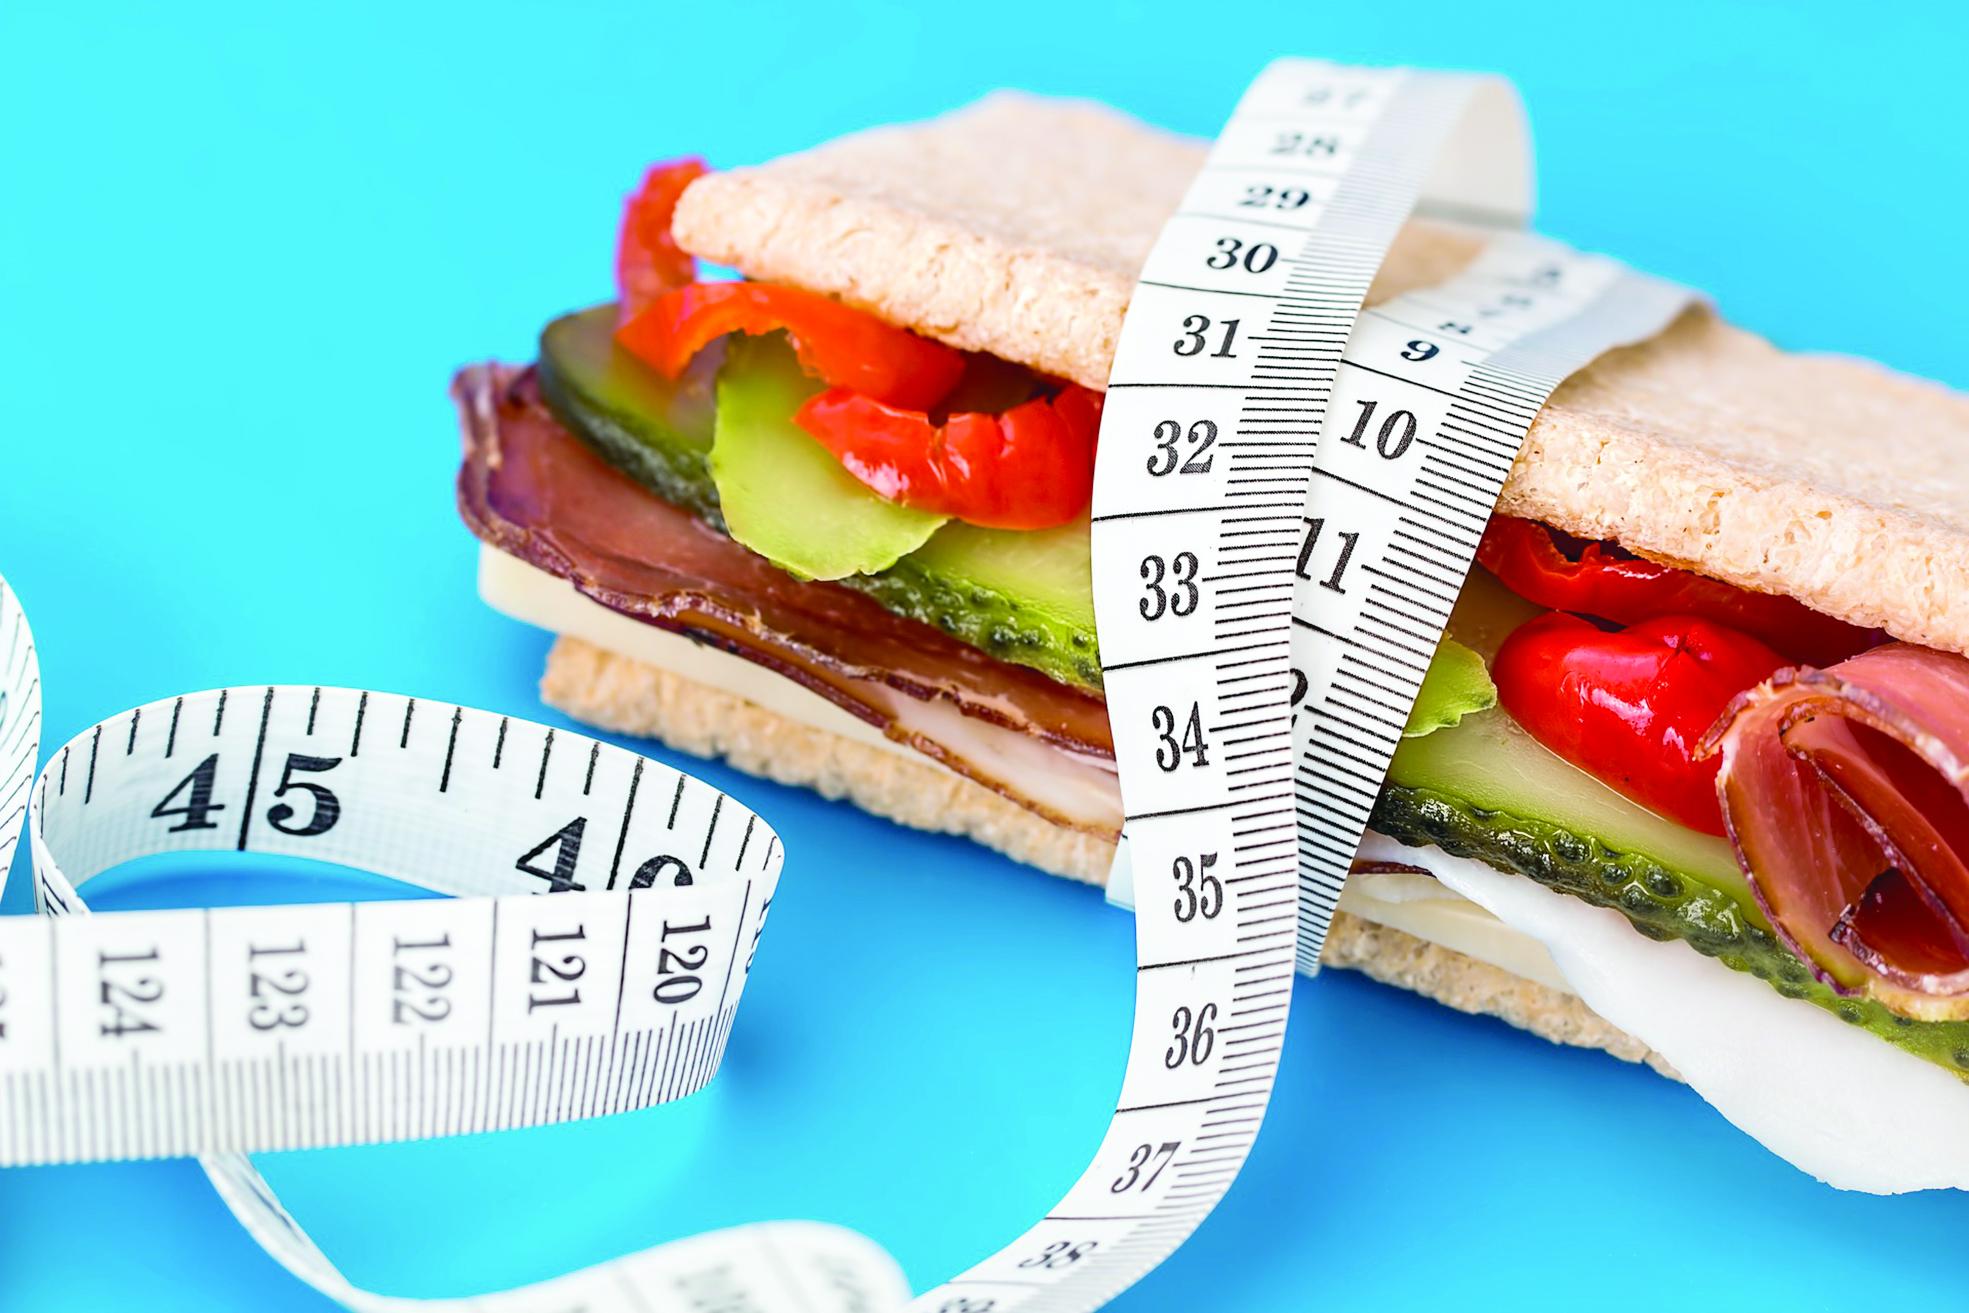 اضطرابات الأكل عواقب جسدية ونفسية وخيمة